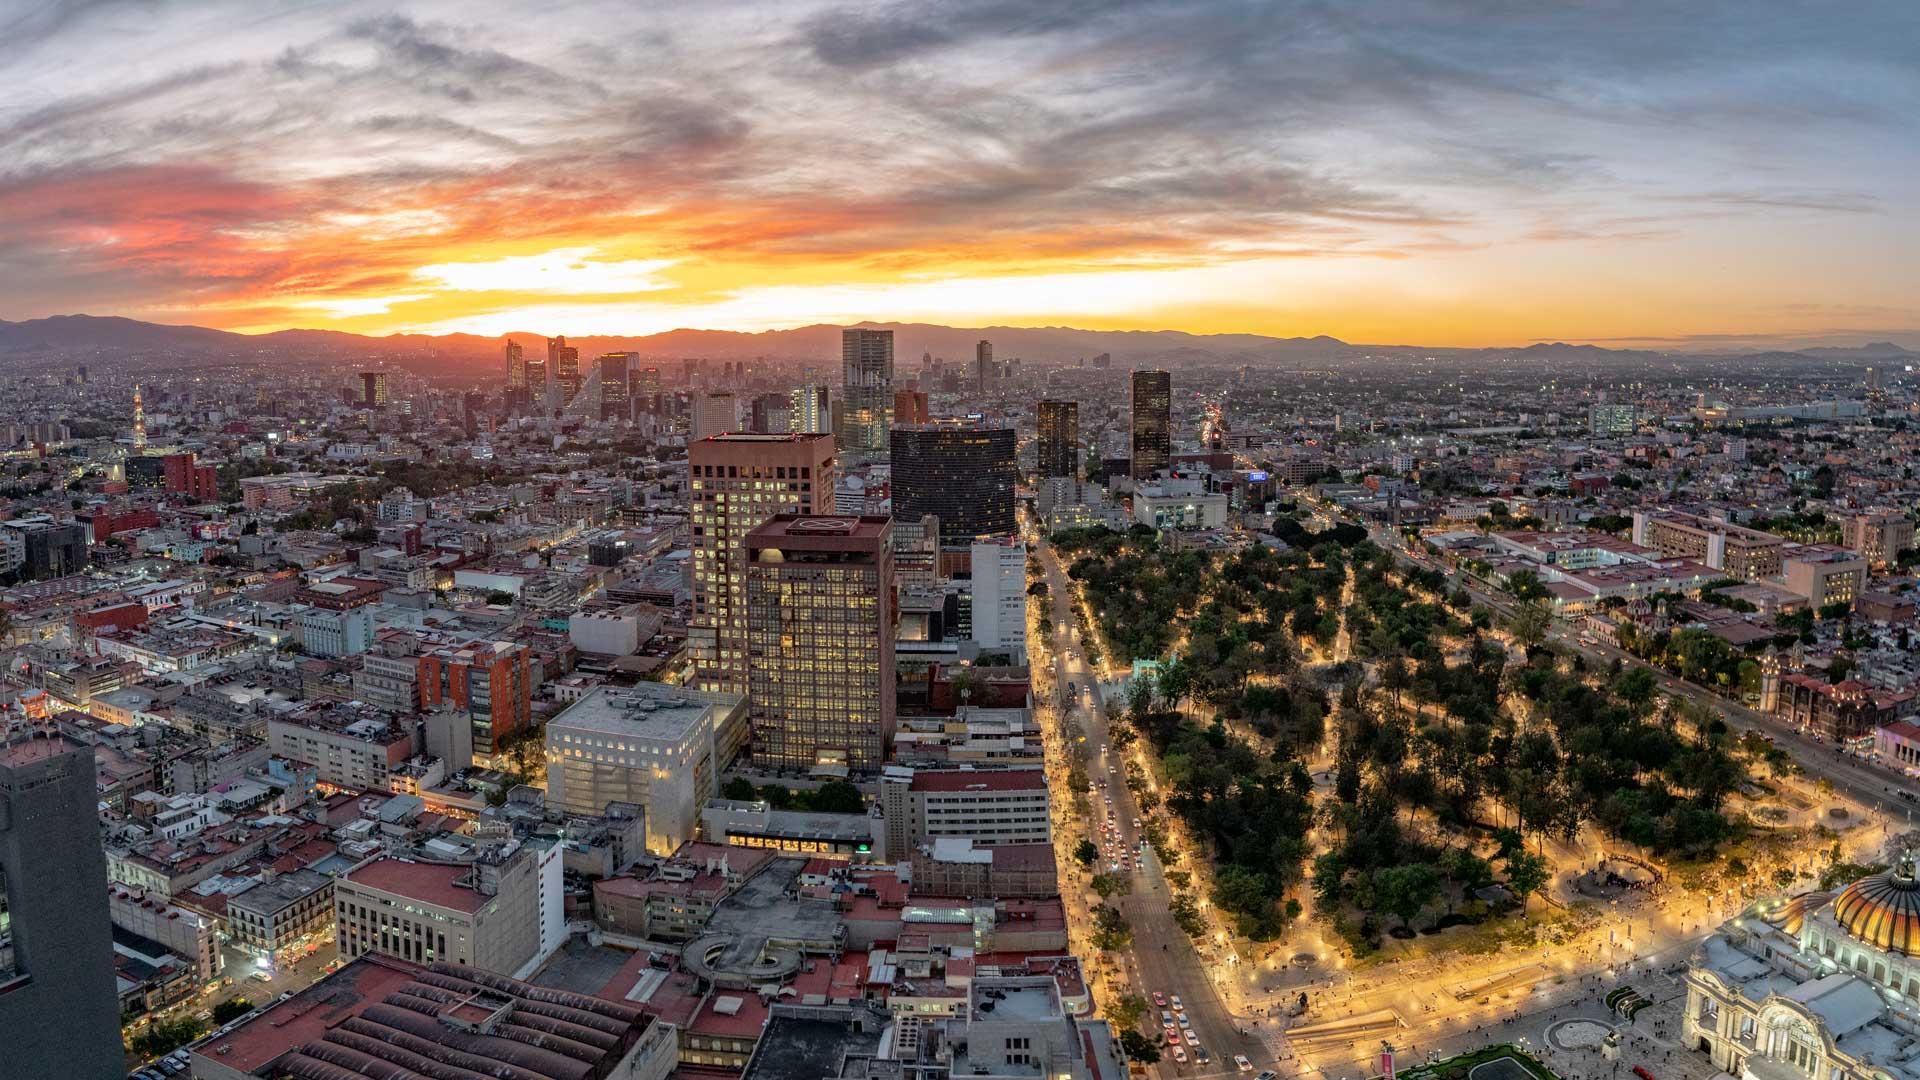 Amanecer Monumental: una experiencia en la ciudad